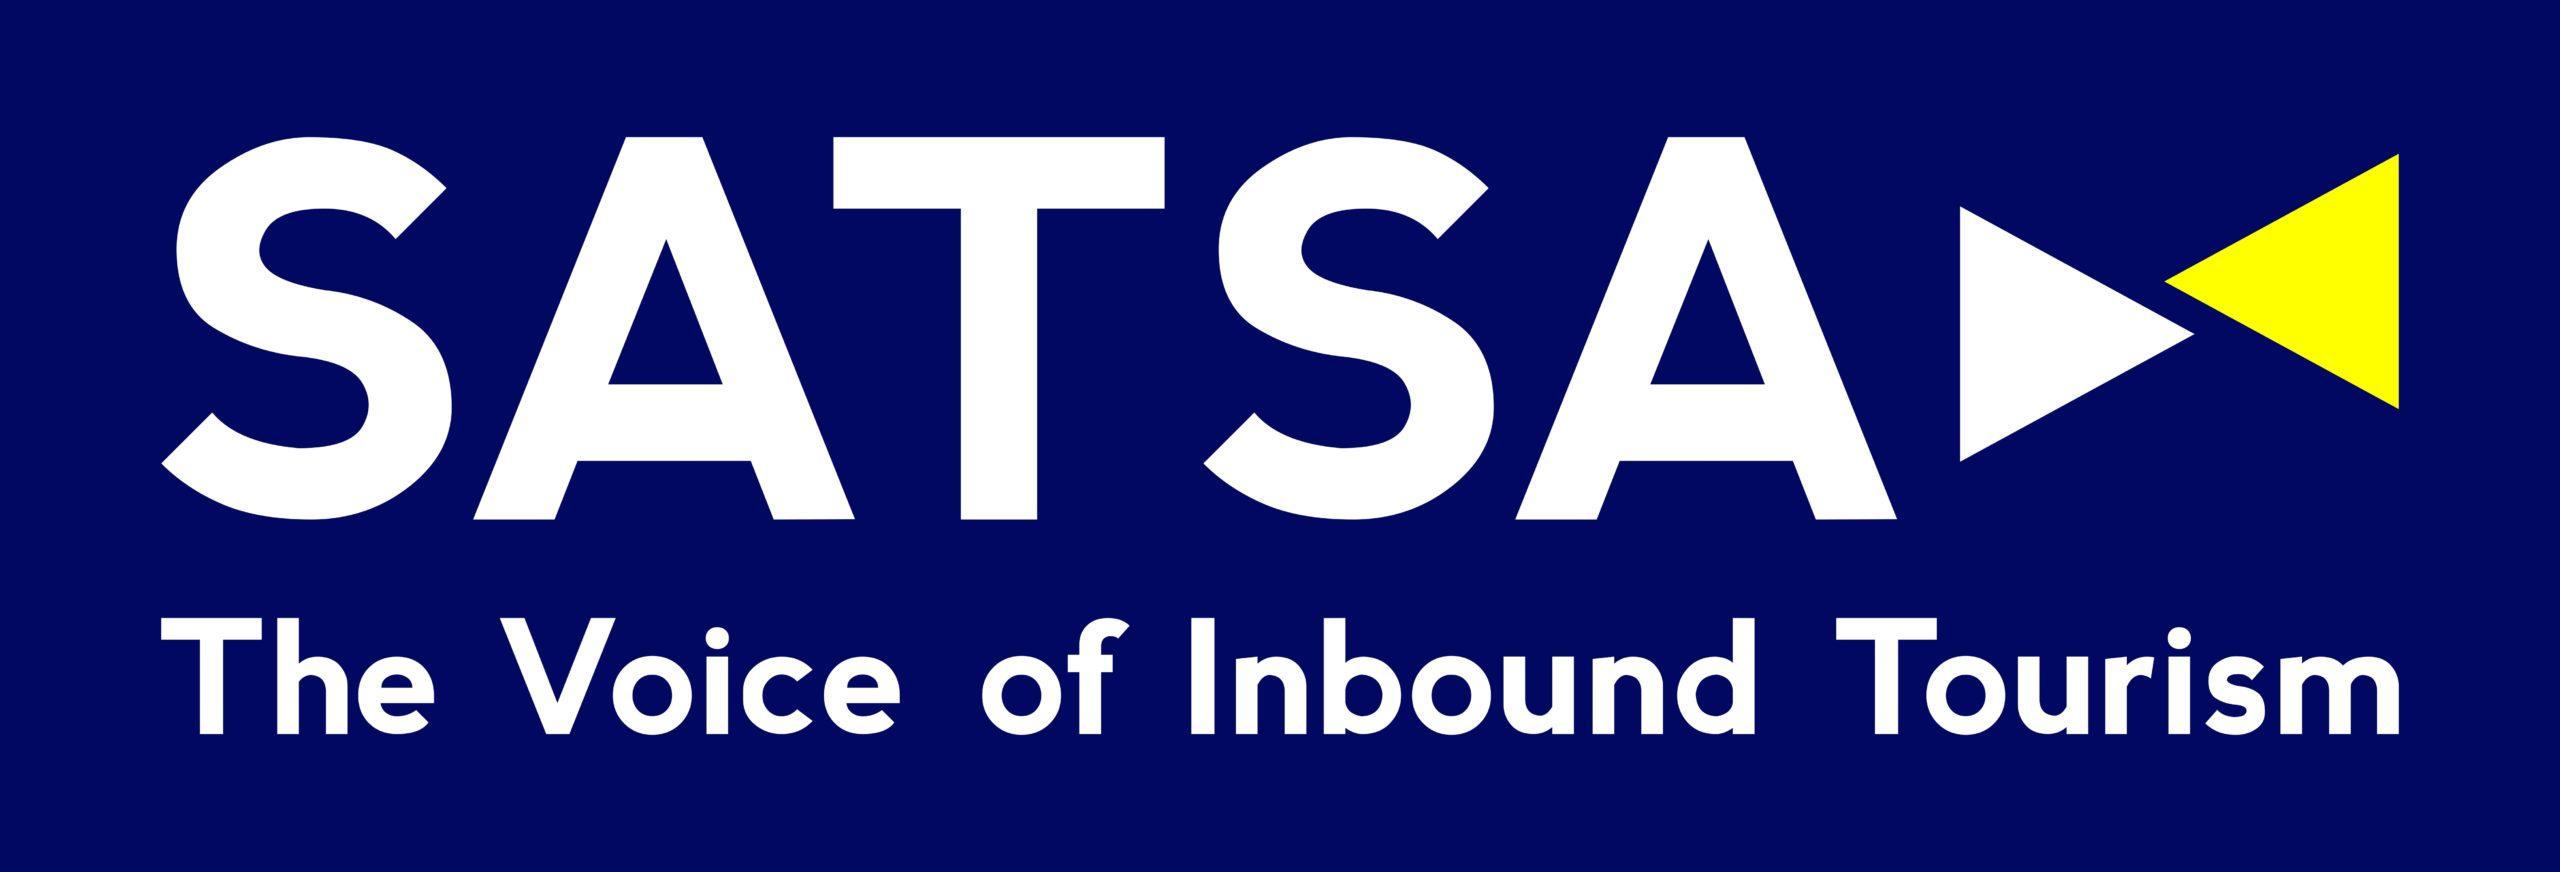 Logo of SATSA